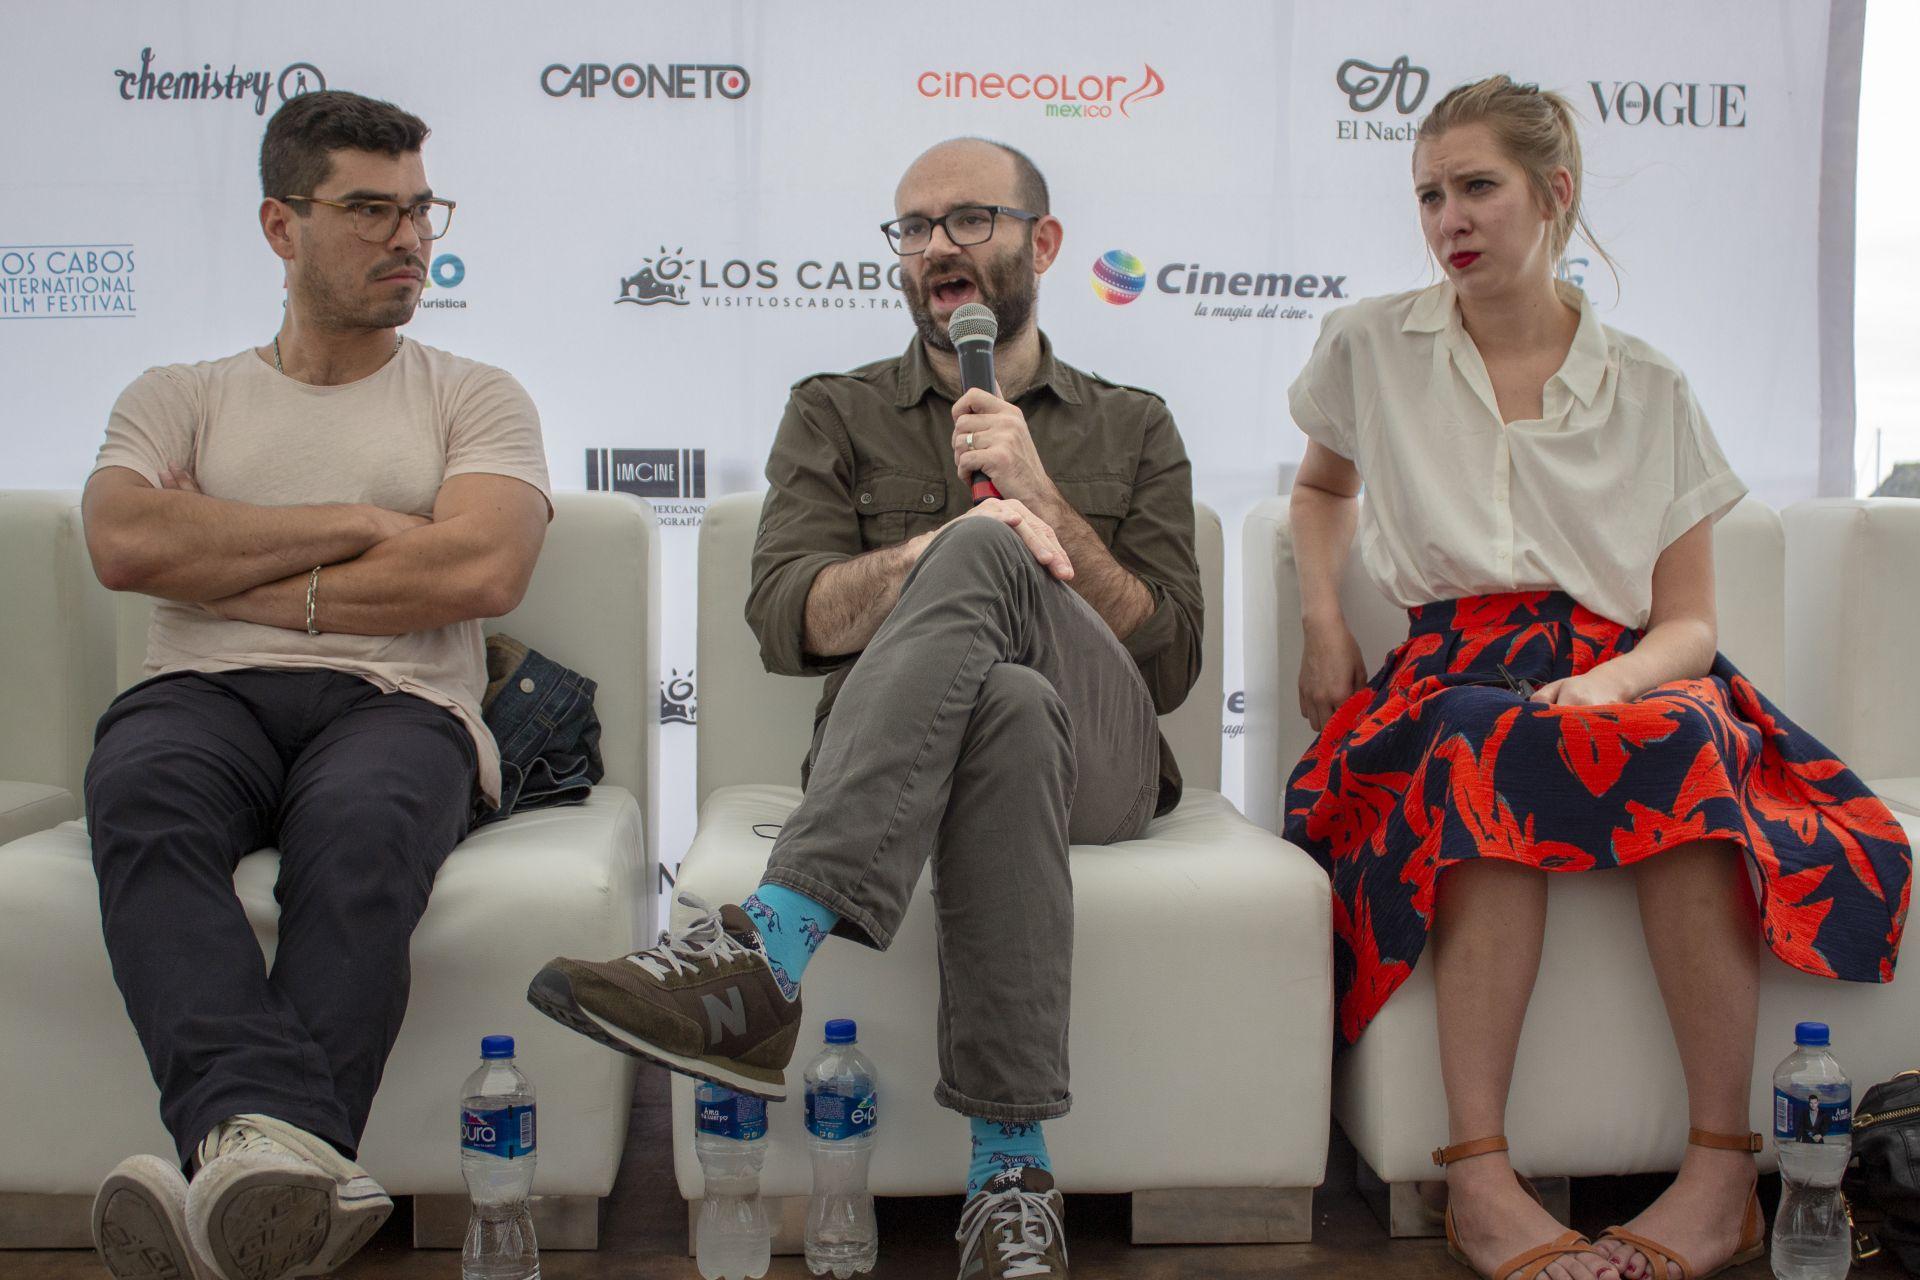 Los_Cabos_Film_Festival_48